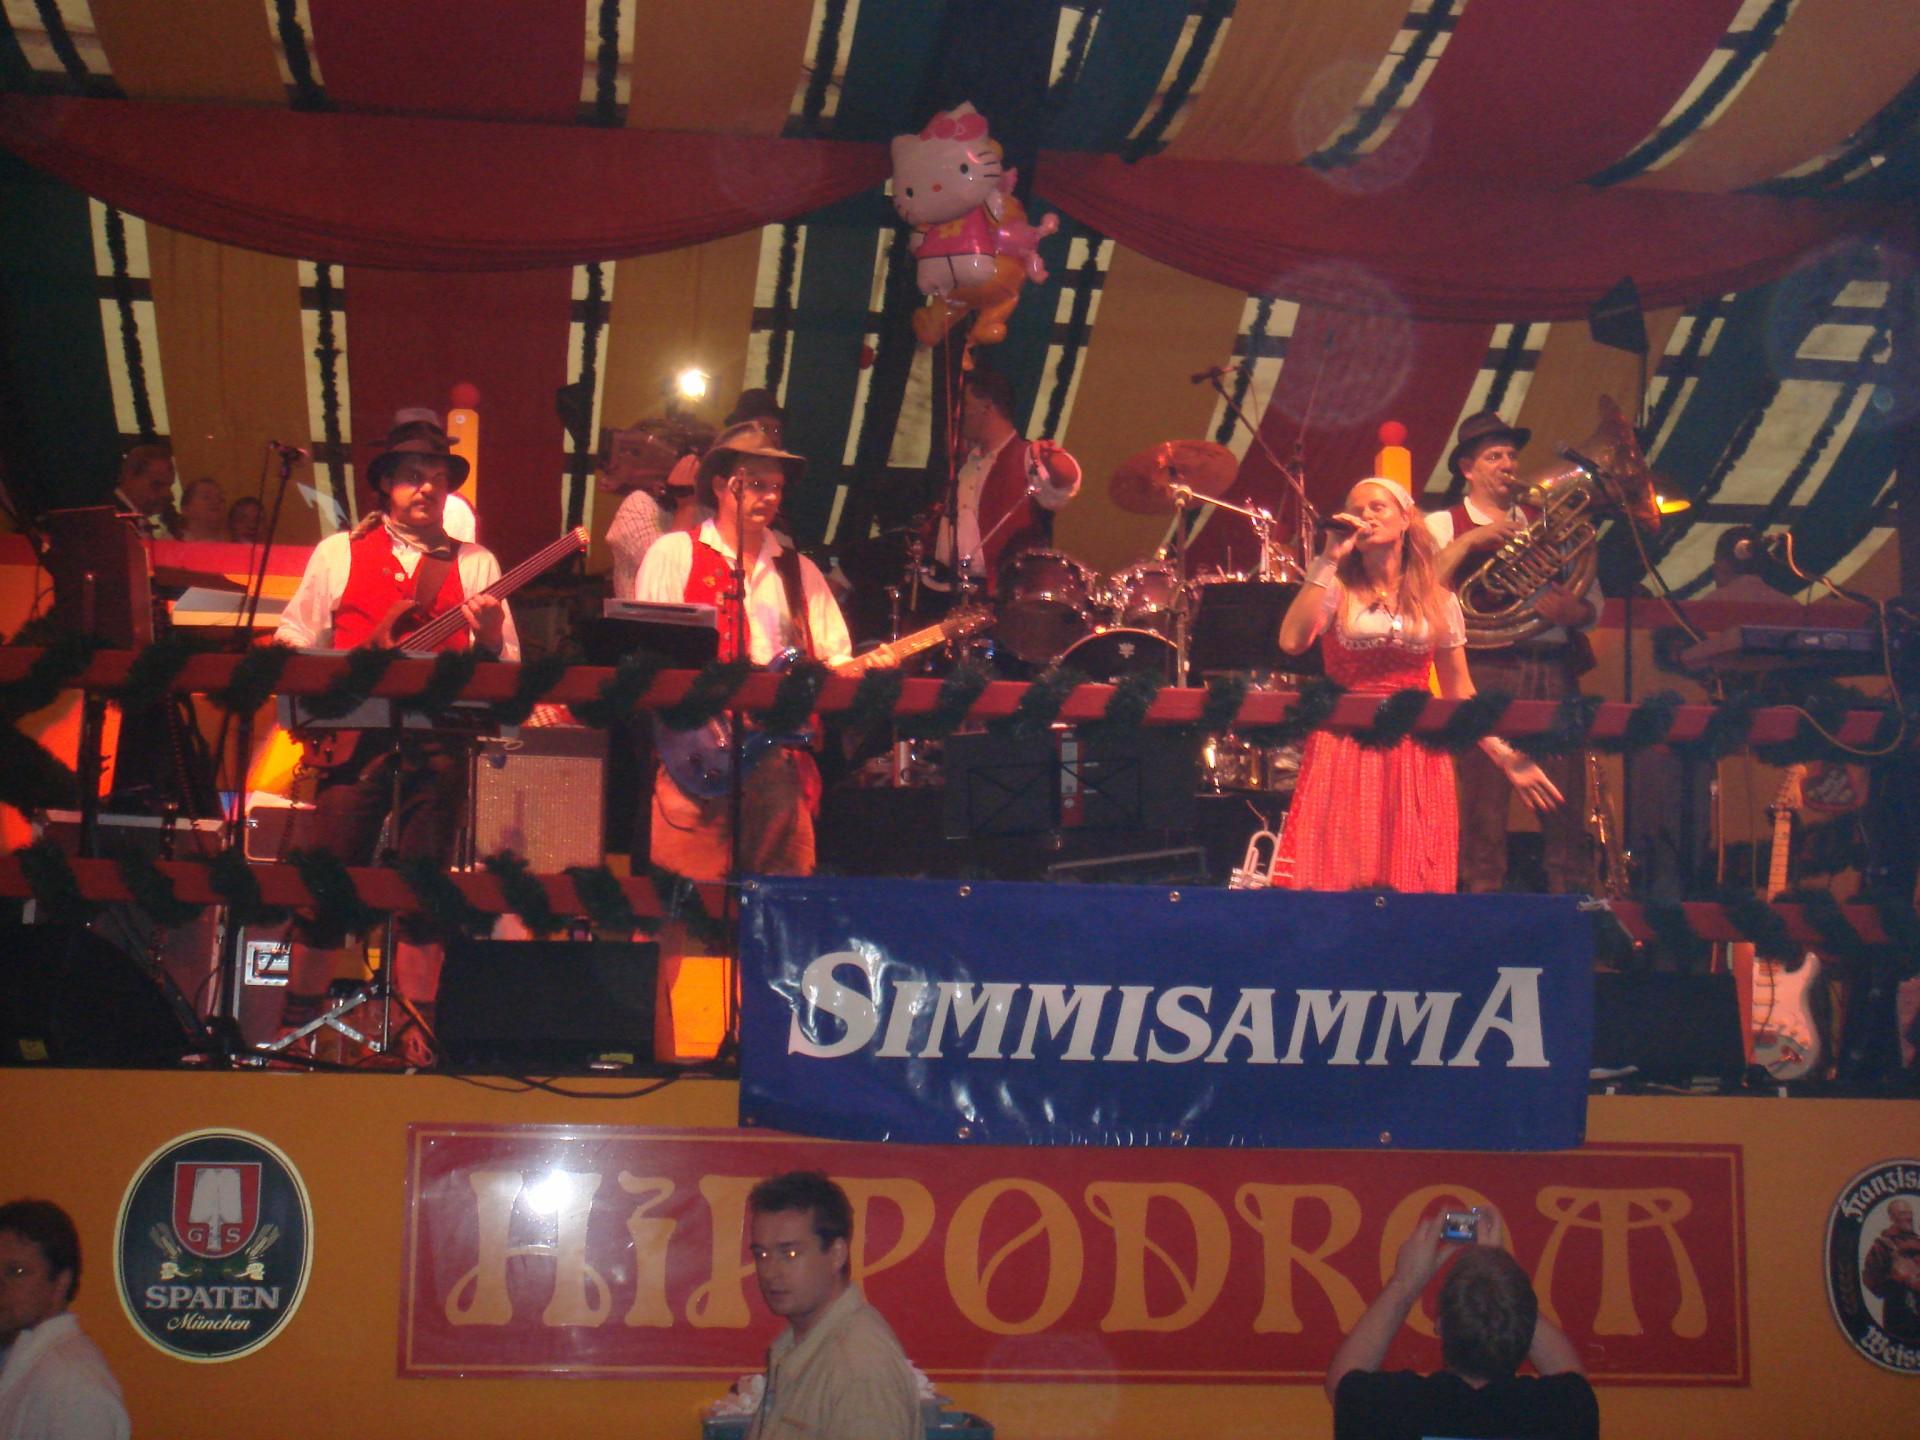 Simmisamma die Oktoberfestband – Konzert Hippodrom Oktoberfest München Deutschland 90